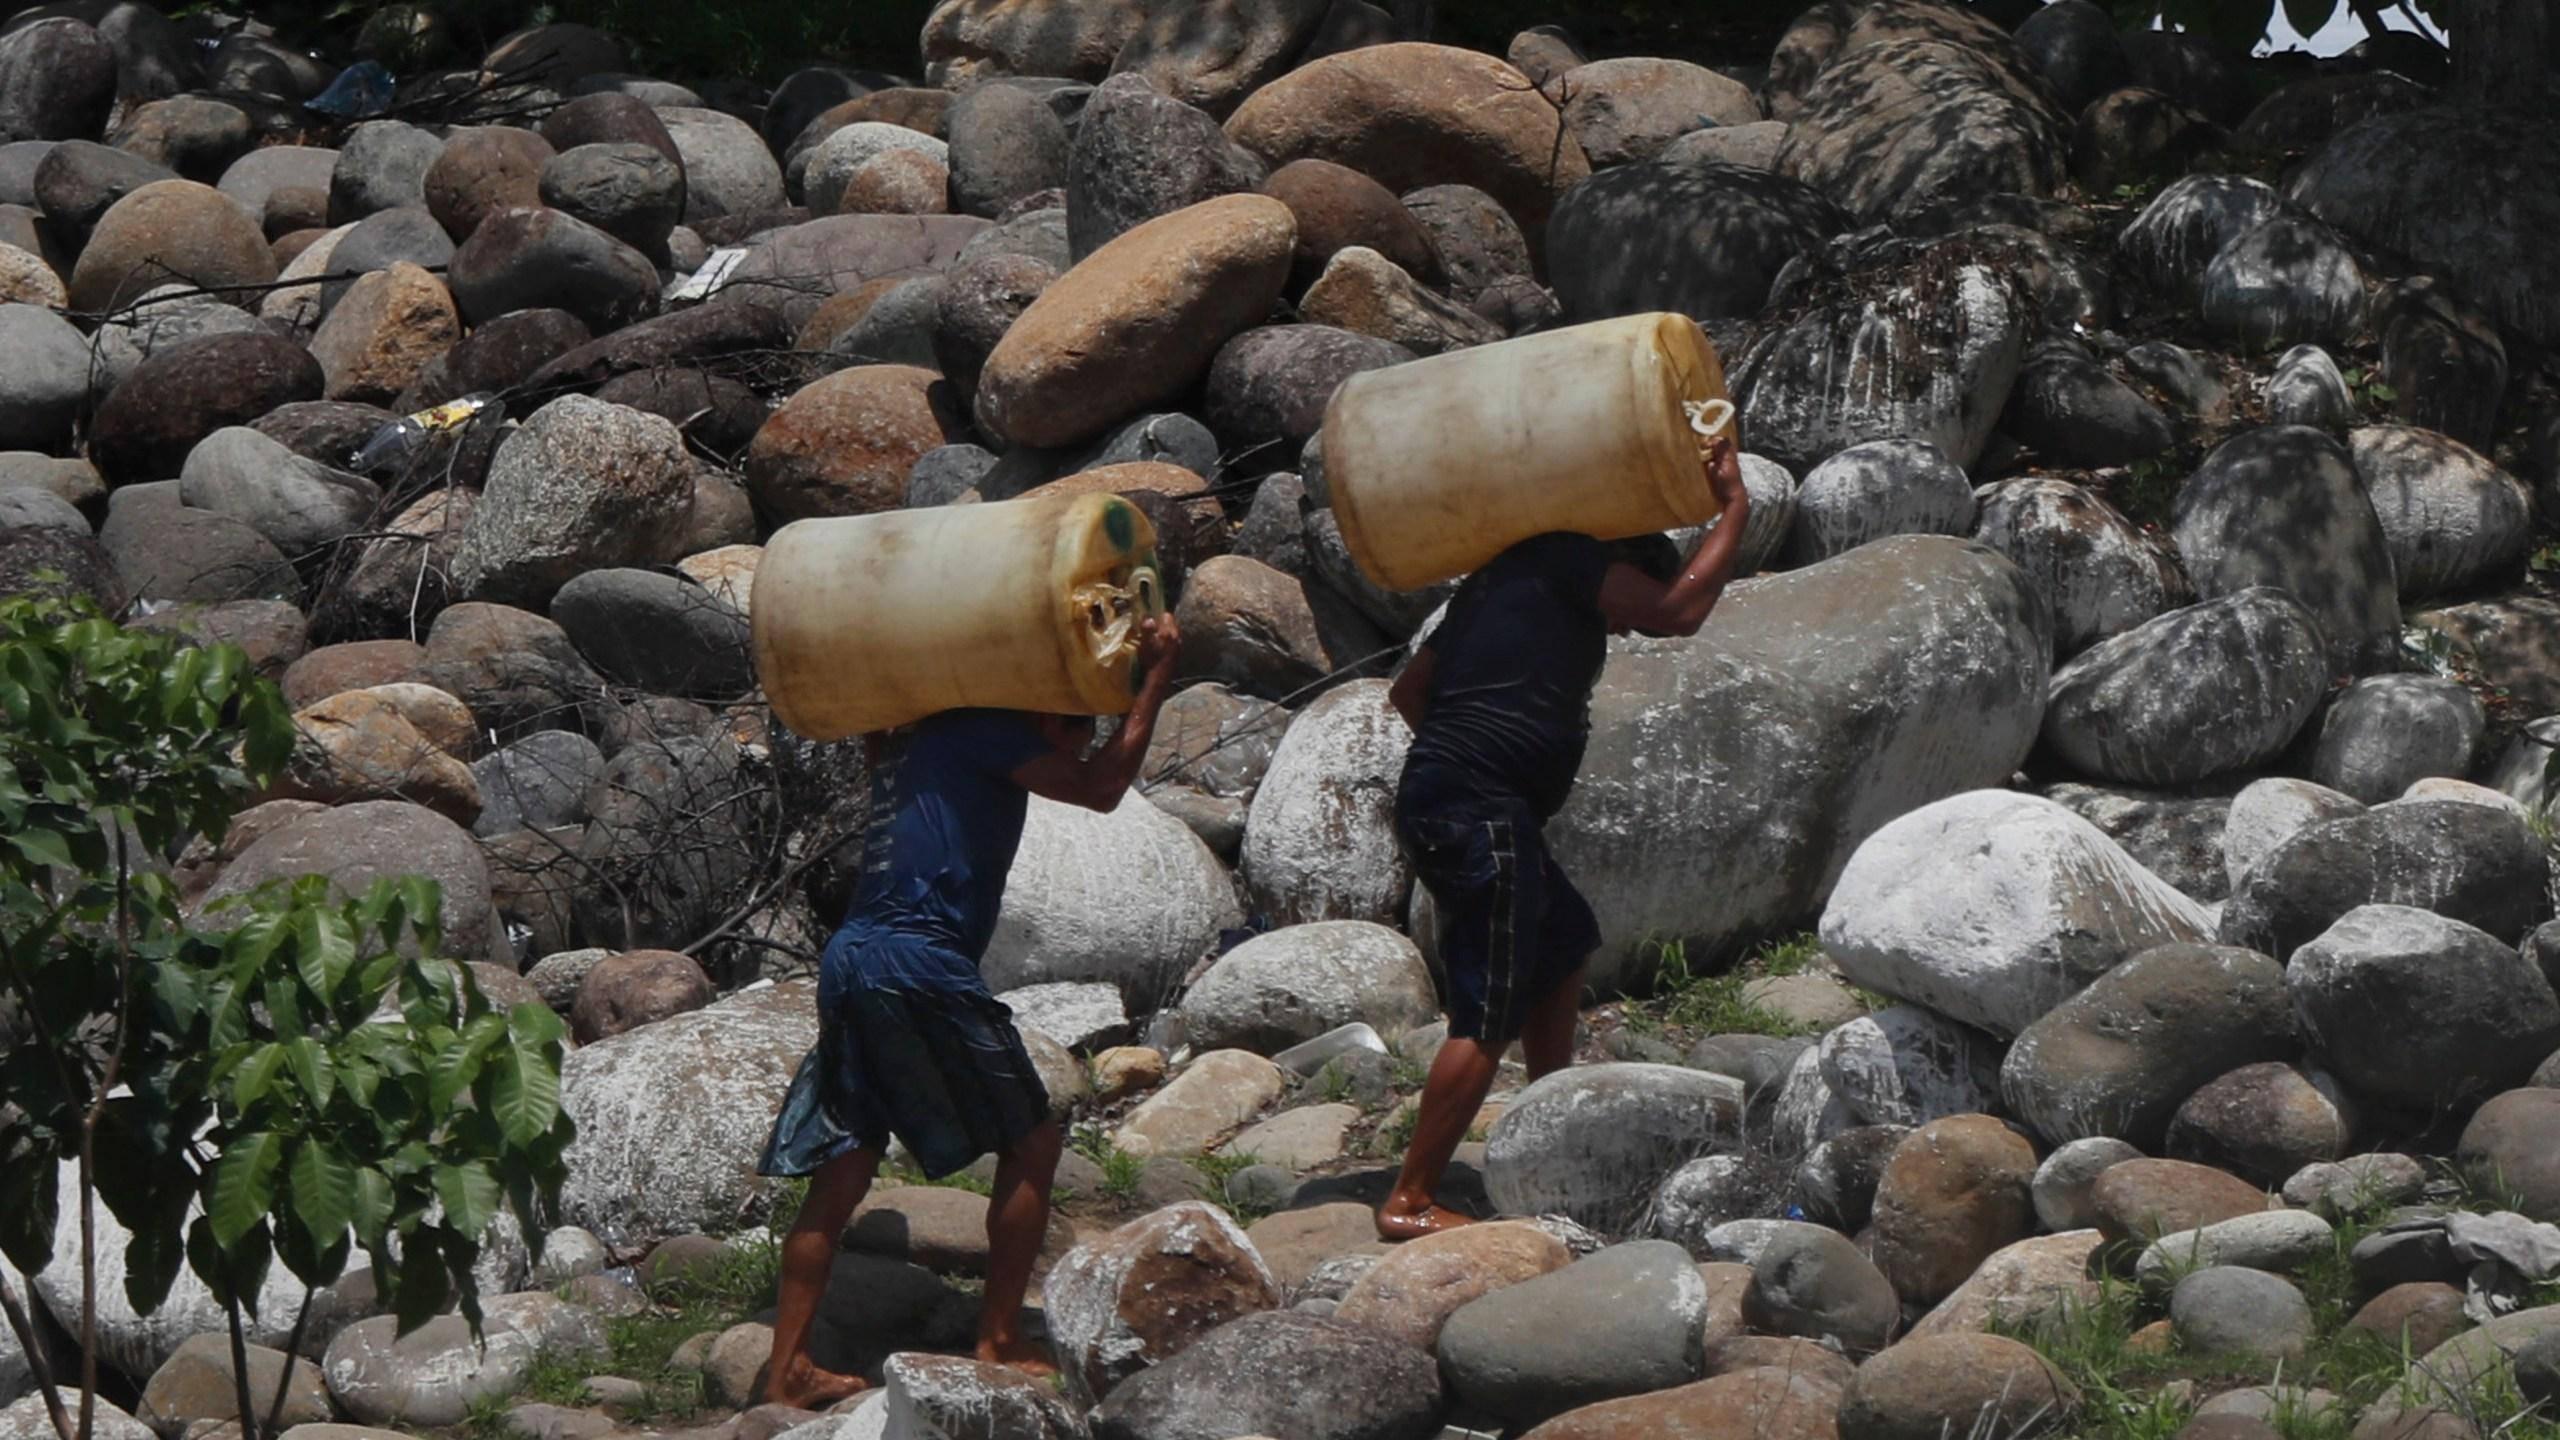 Mexico_Migrants_60734-159532.jpg95070050